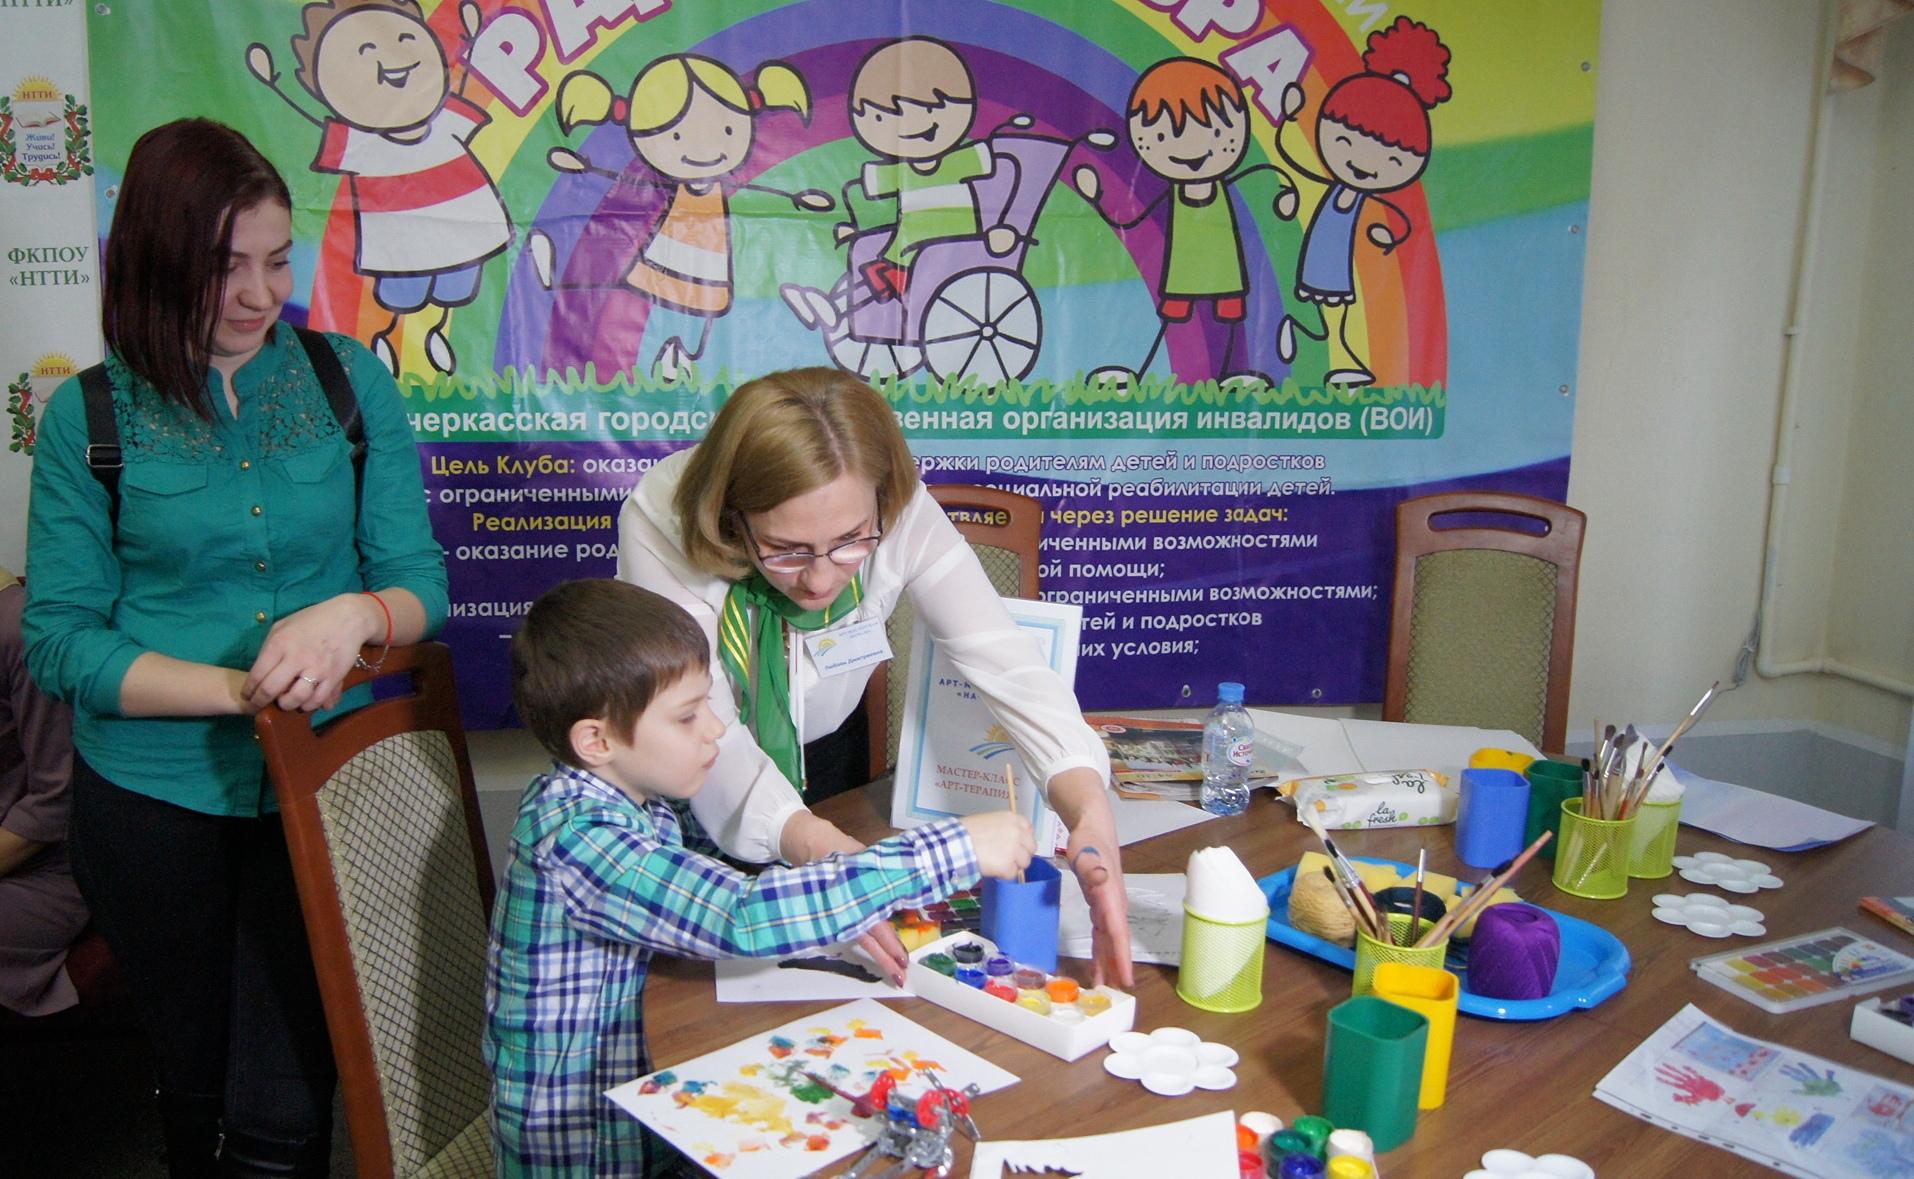 Арт-мастерская «Начало» пригласила особенных детей на праздник театрального искусства